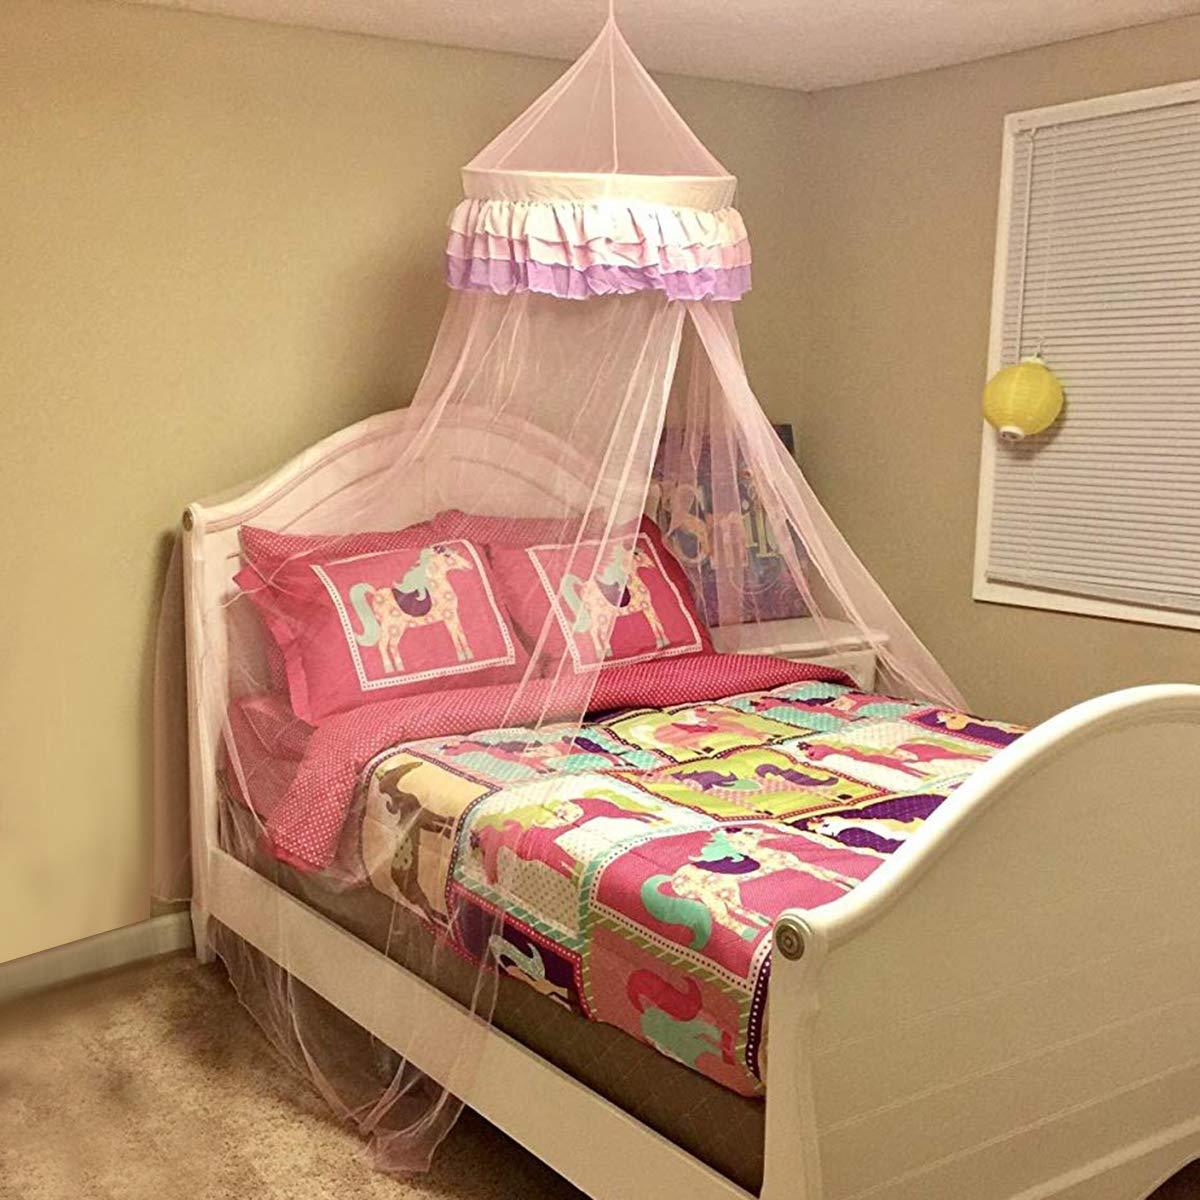 Ciel de Lit Moustiquaire pour B/éb/é Fille D/ôme Princesse Polyester en Couleur Rose D/écoration pour Chambre B/éb/é ou Enfant Hauteur 120 cm